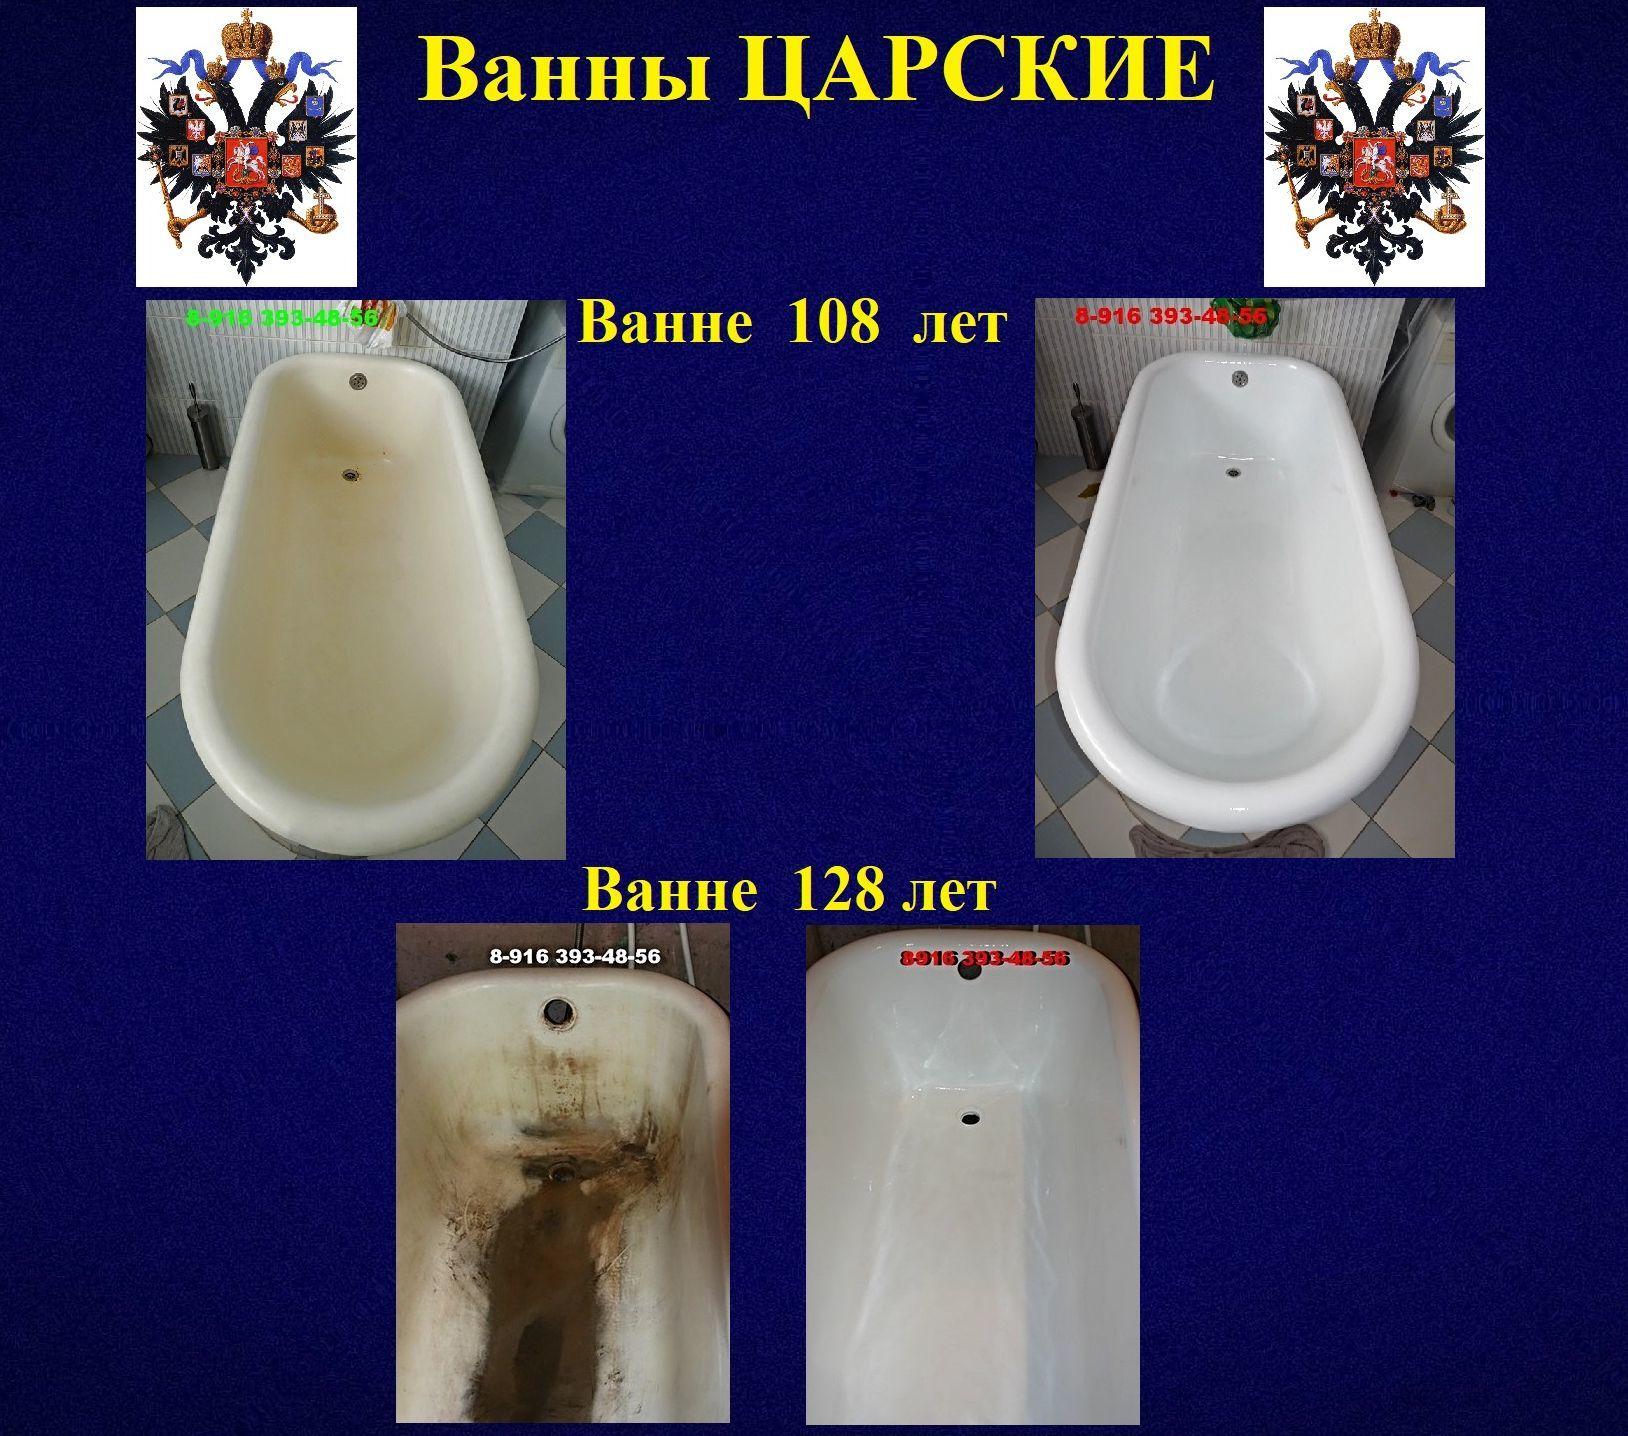 8-916 393-48-56 SUPER- Эмалировка,  реставрация ванн Москва, Подмосковье. Наливная ванна, акриловая вставка, вкладыш - Страница 6 H-44